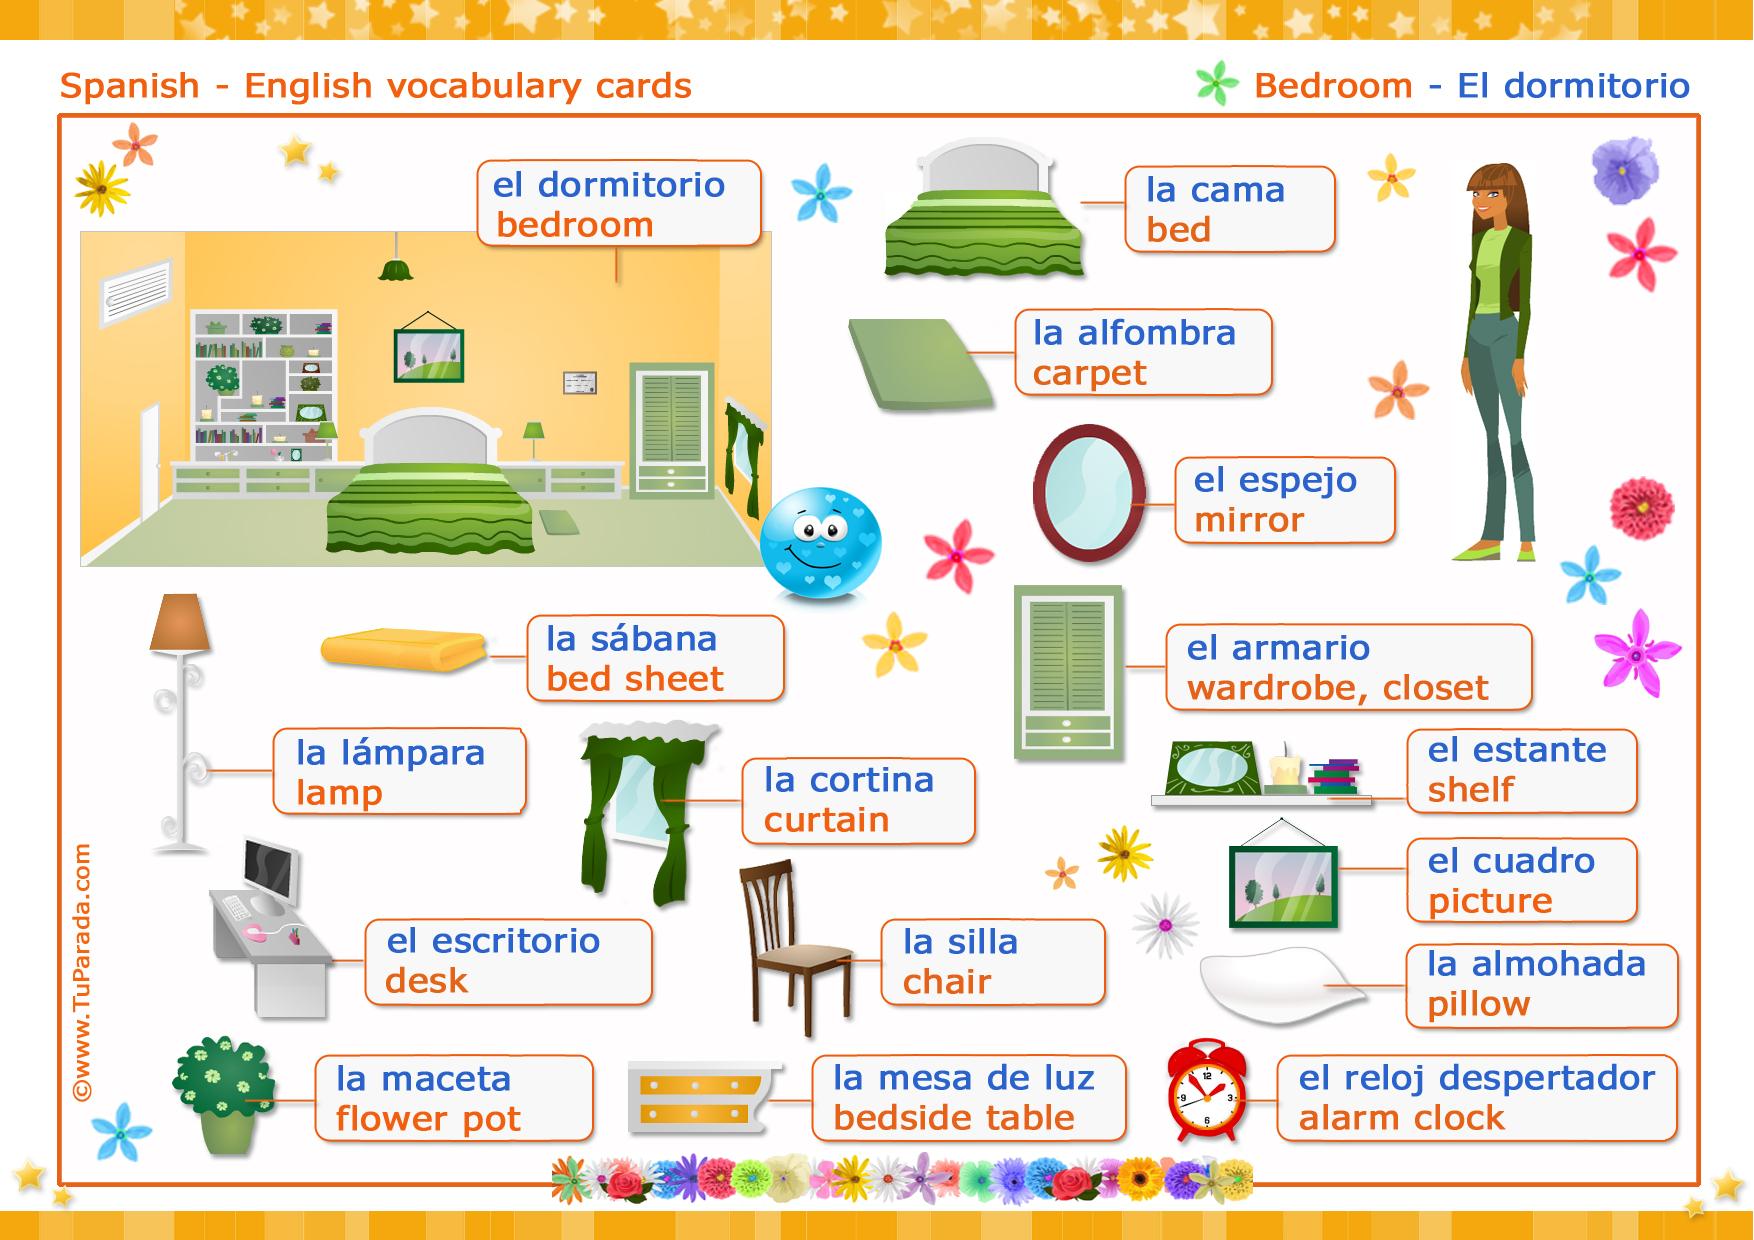 Tarjeta - Vocabulario: Dormitorio - Bedroom.